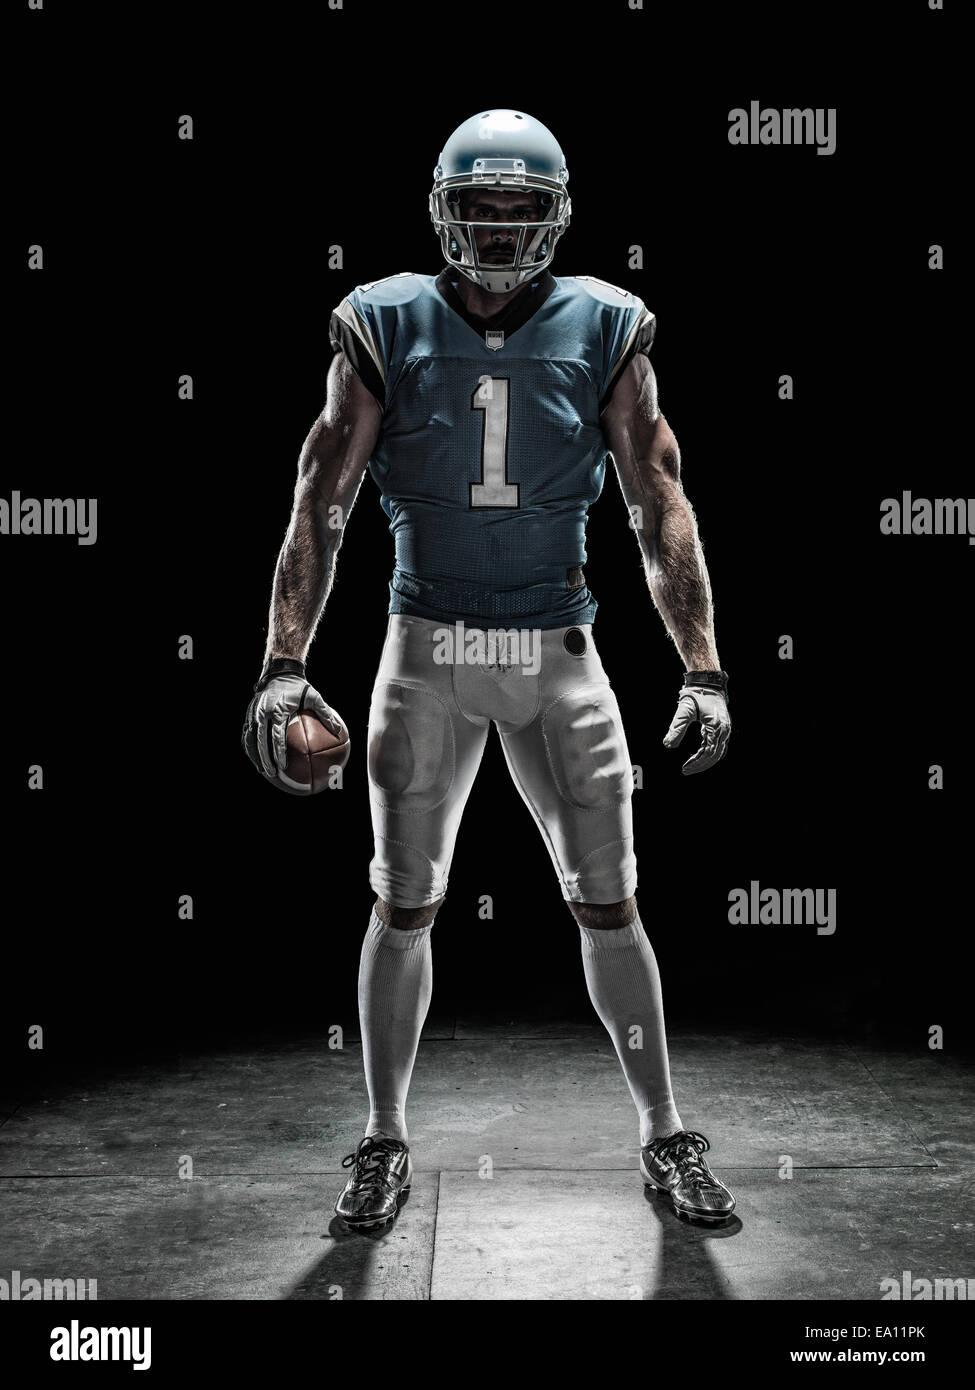 El jugador de fútbol sosteniendo la bola Imagen De Stock